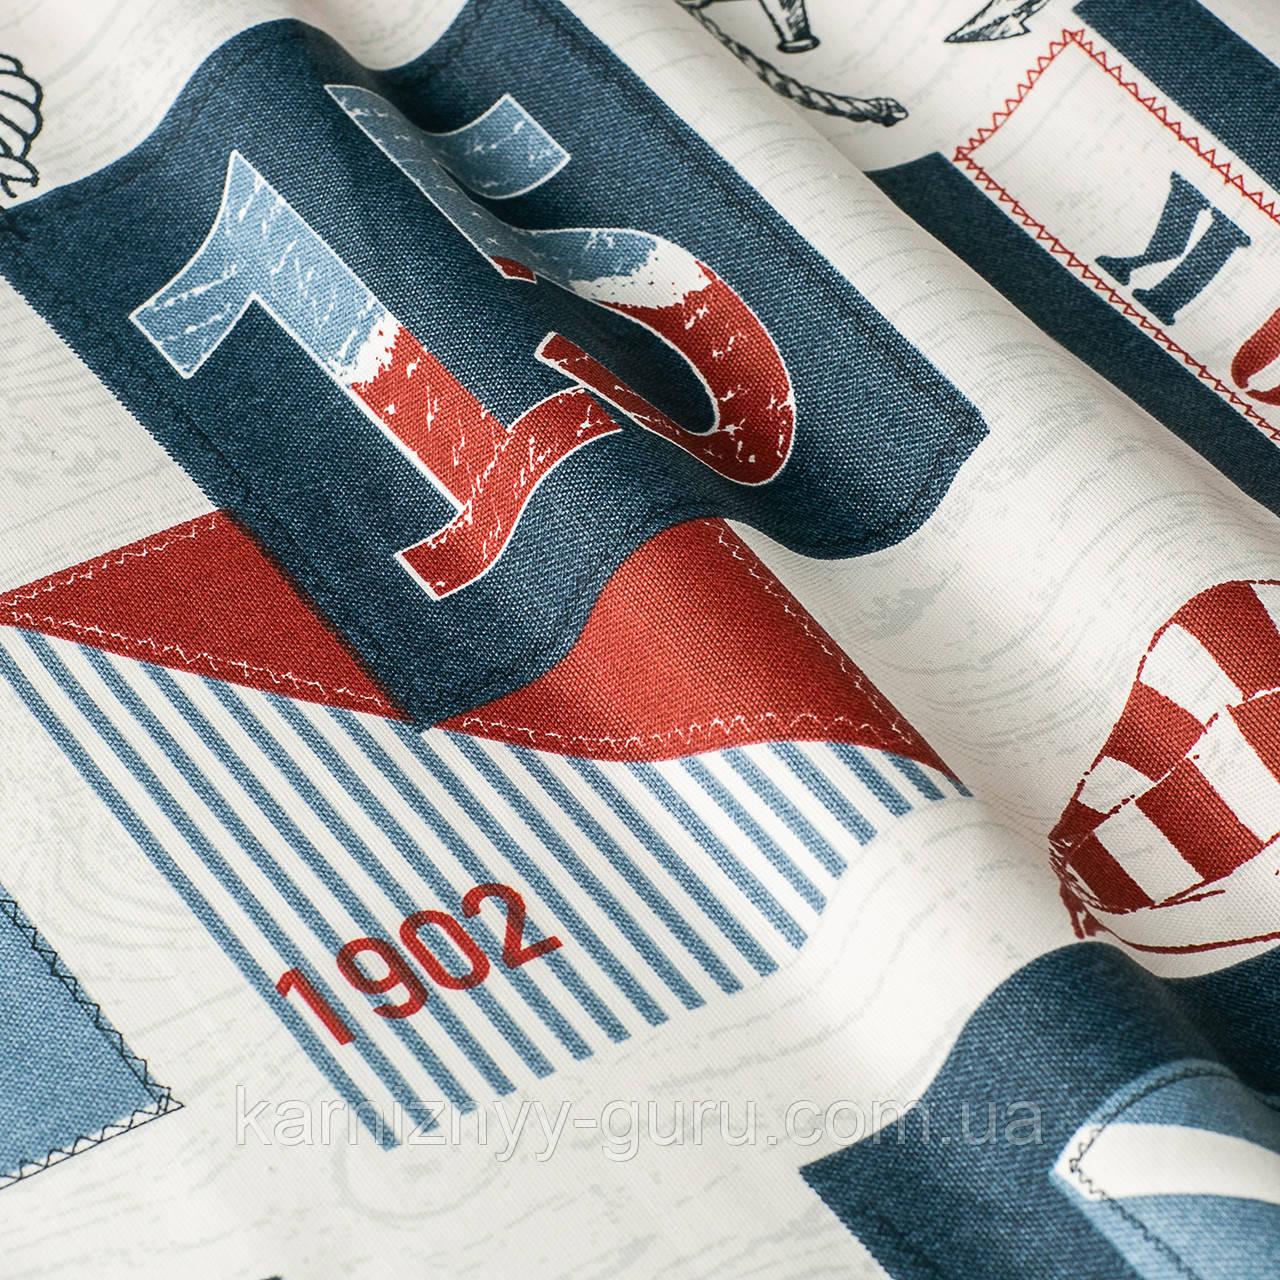 Декоративная ткань с тефлоновой пропиткой морская тематика 84576v3